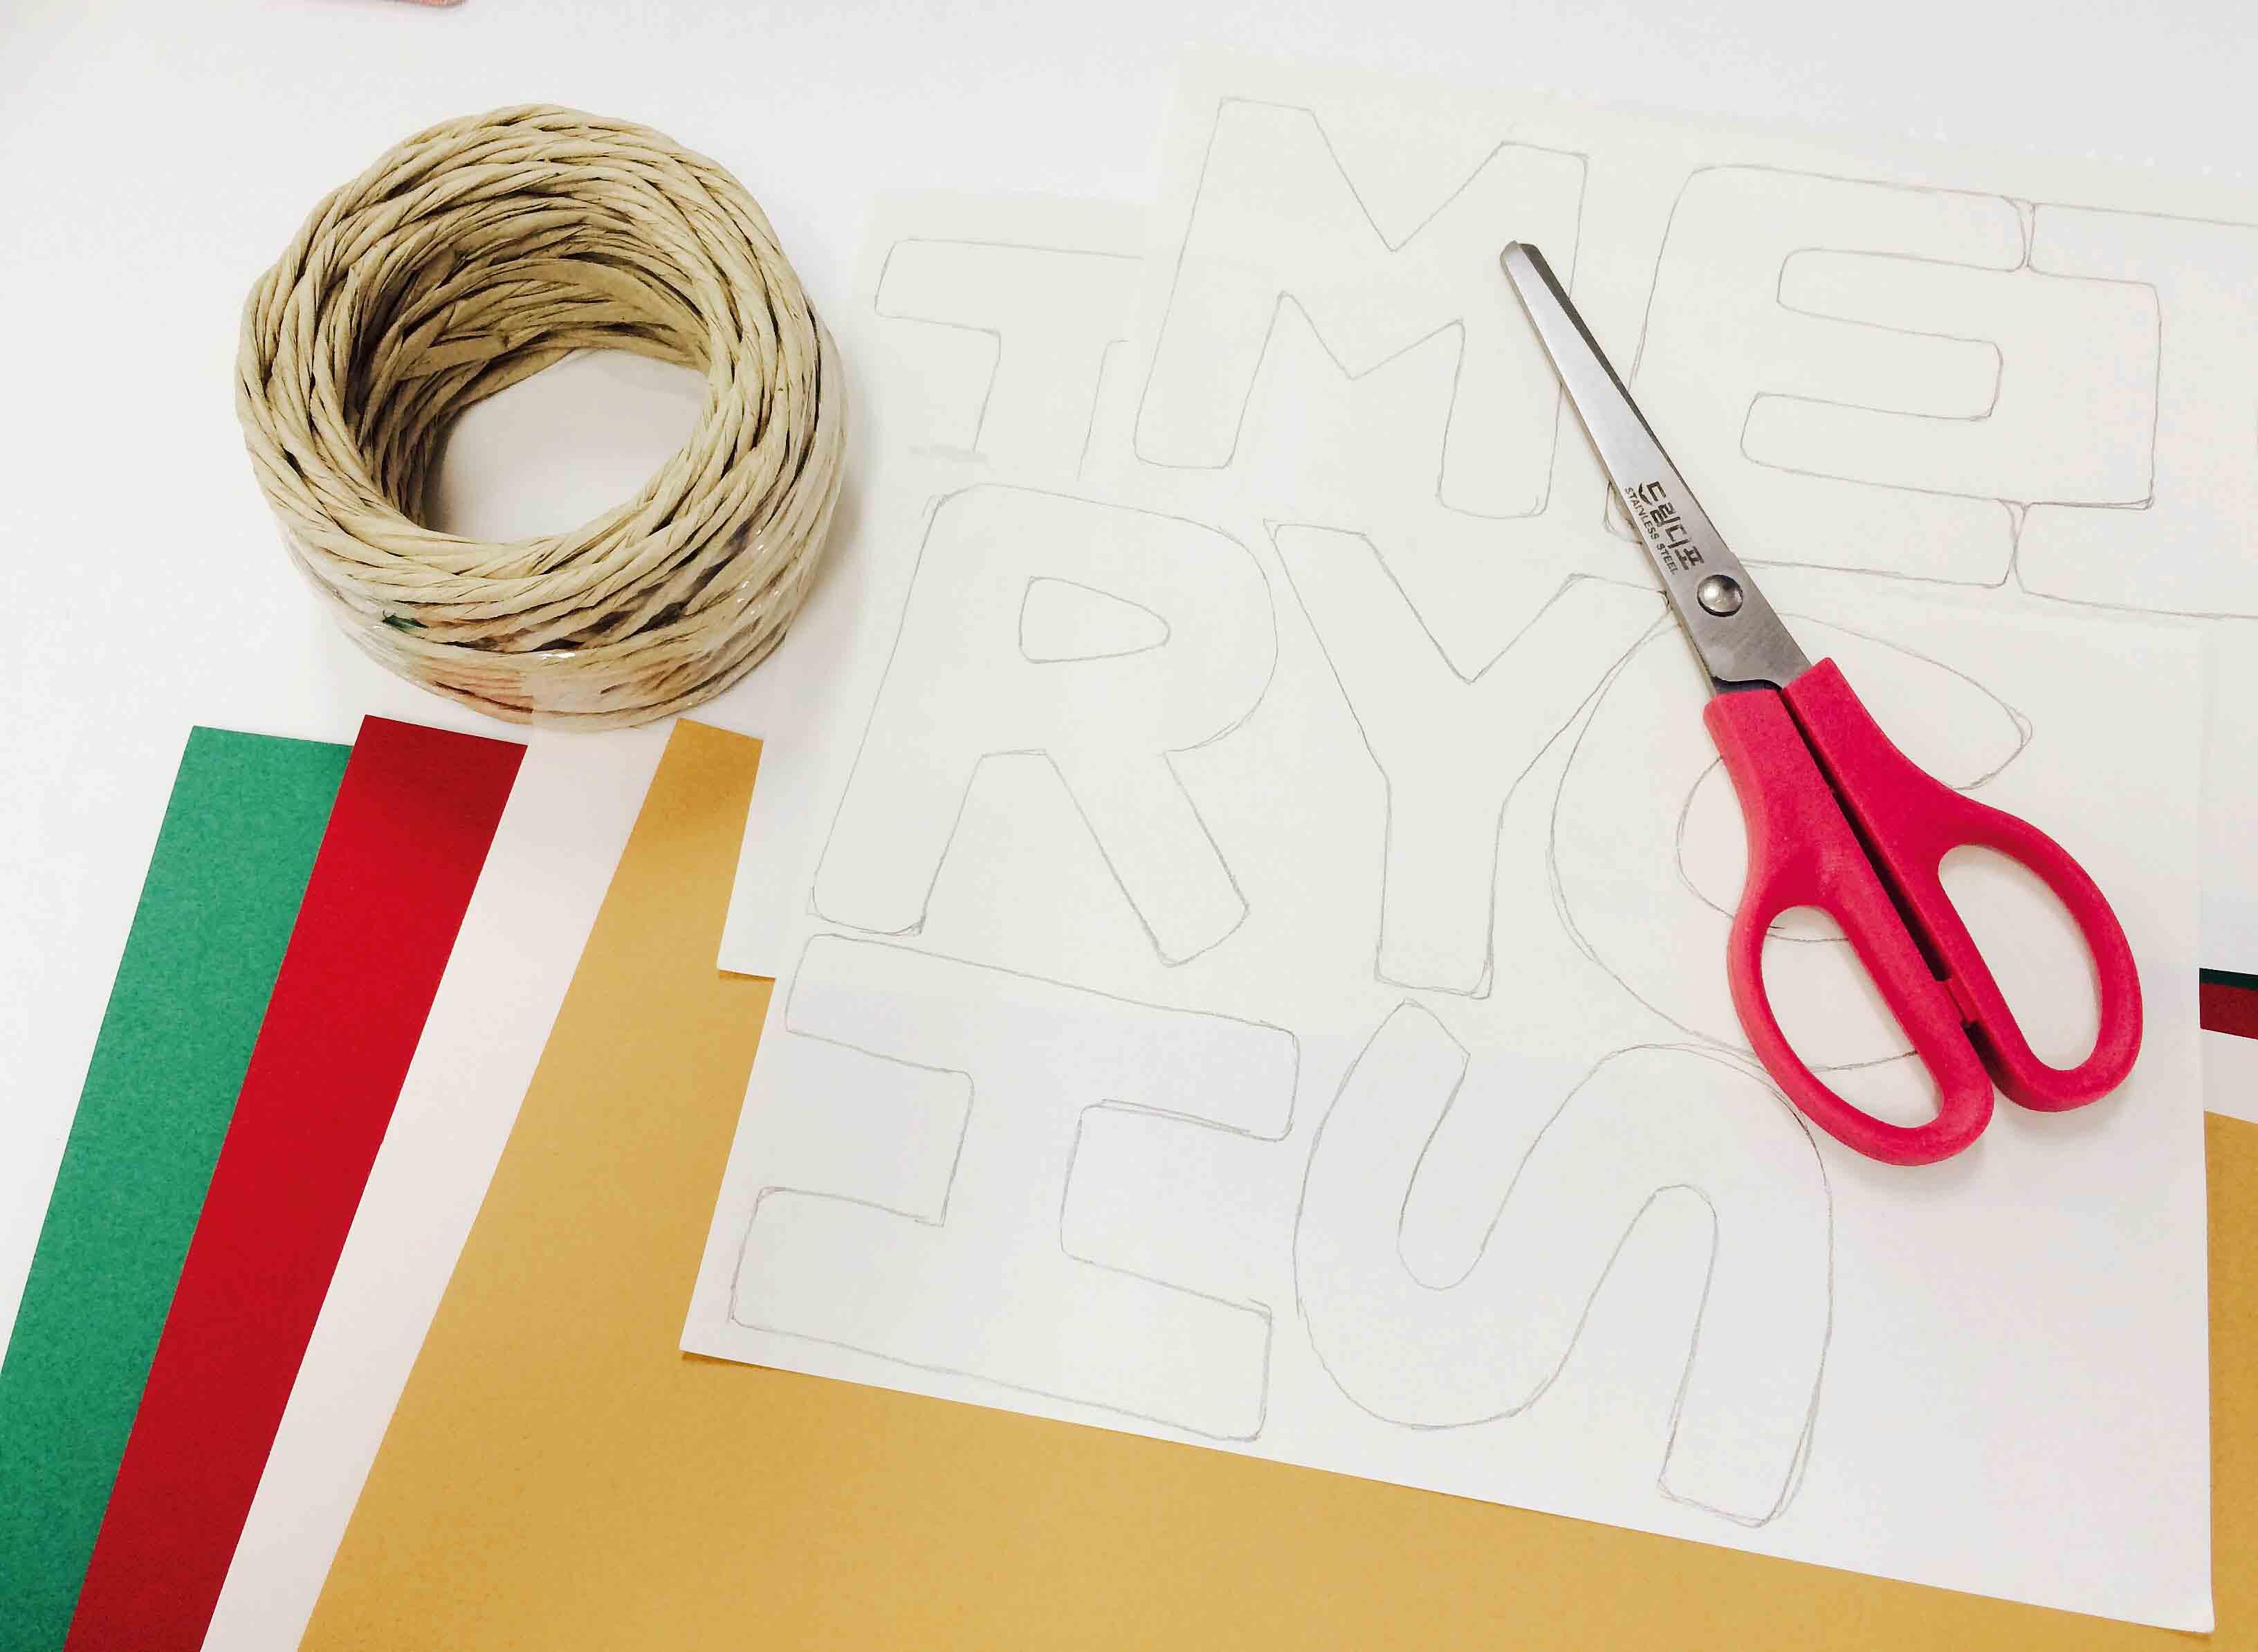 準備物:圖案, 彩紙 or 毛氈紙, 繩子, 剪刀